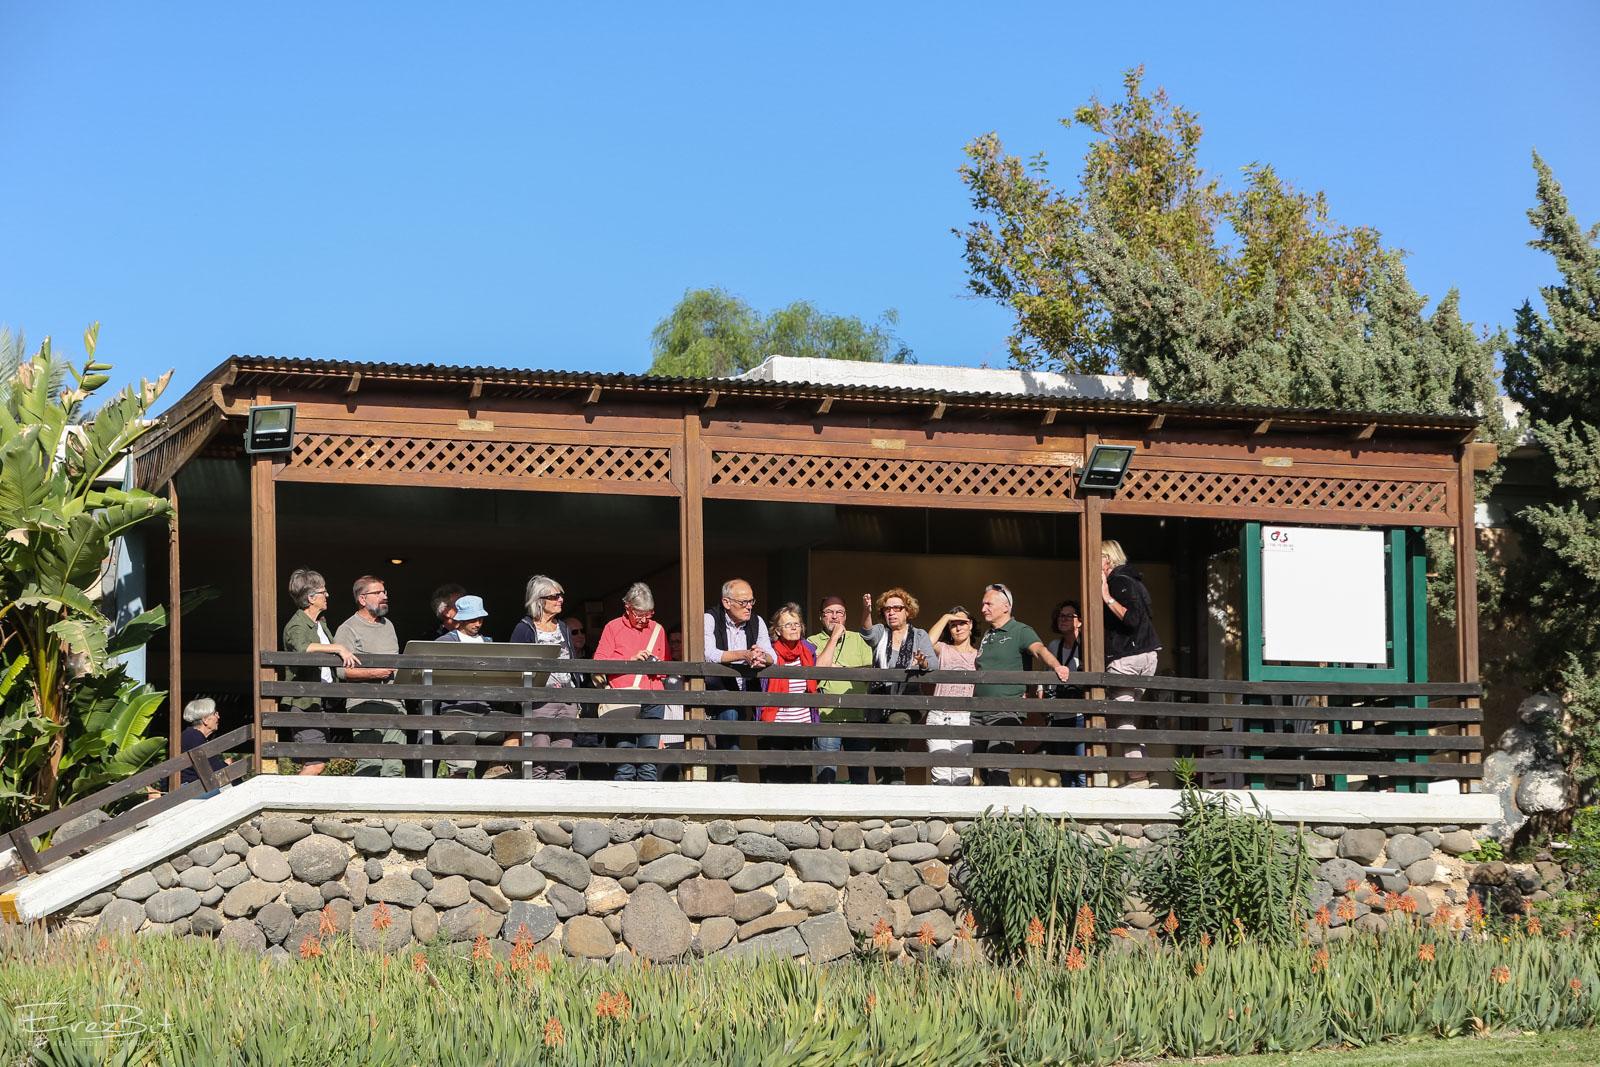 תיירים במרפסת המוזיאון